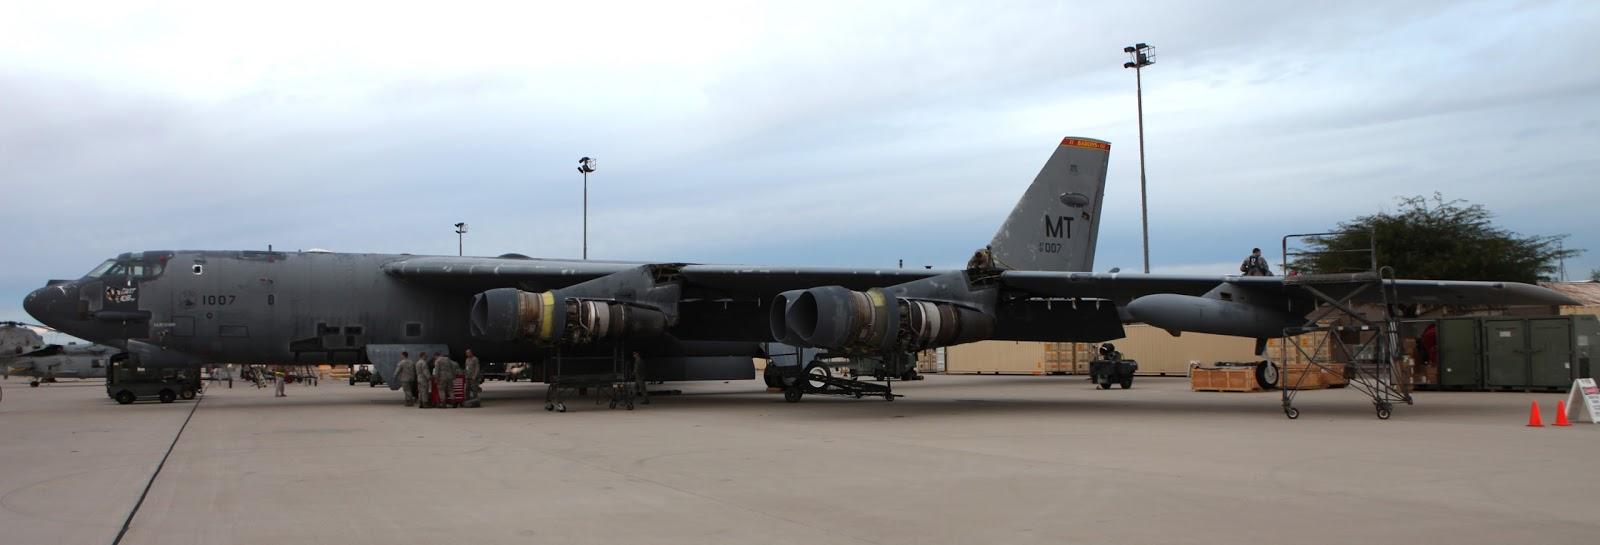 B-52H serial number 61-0007